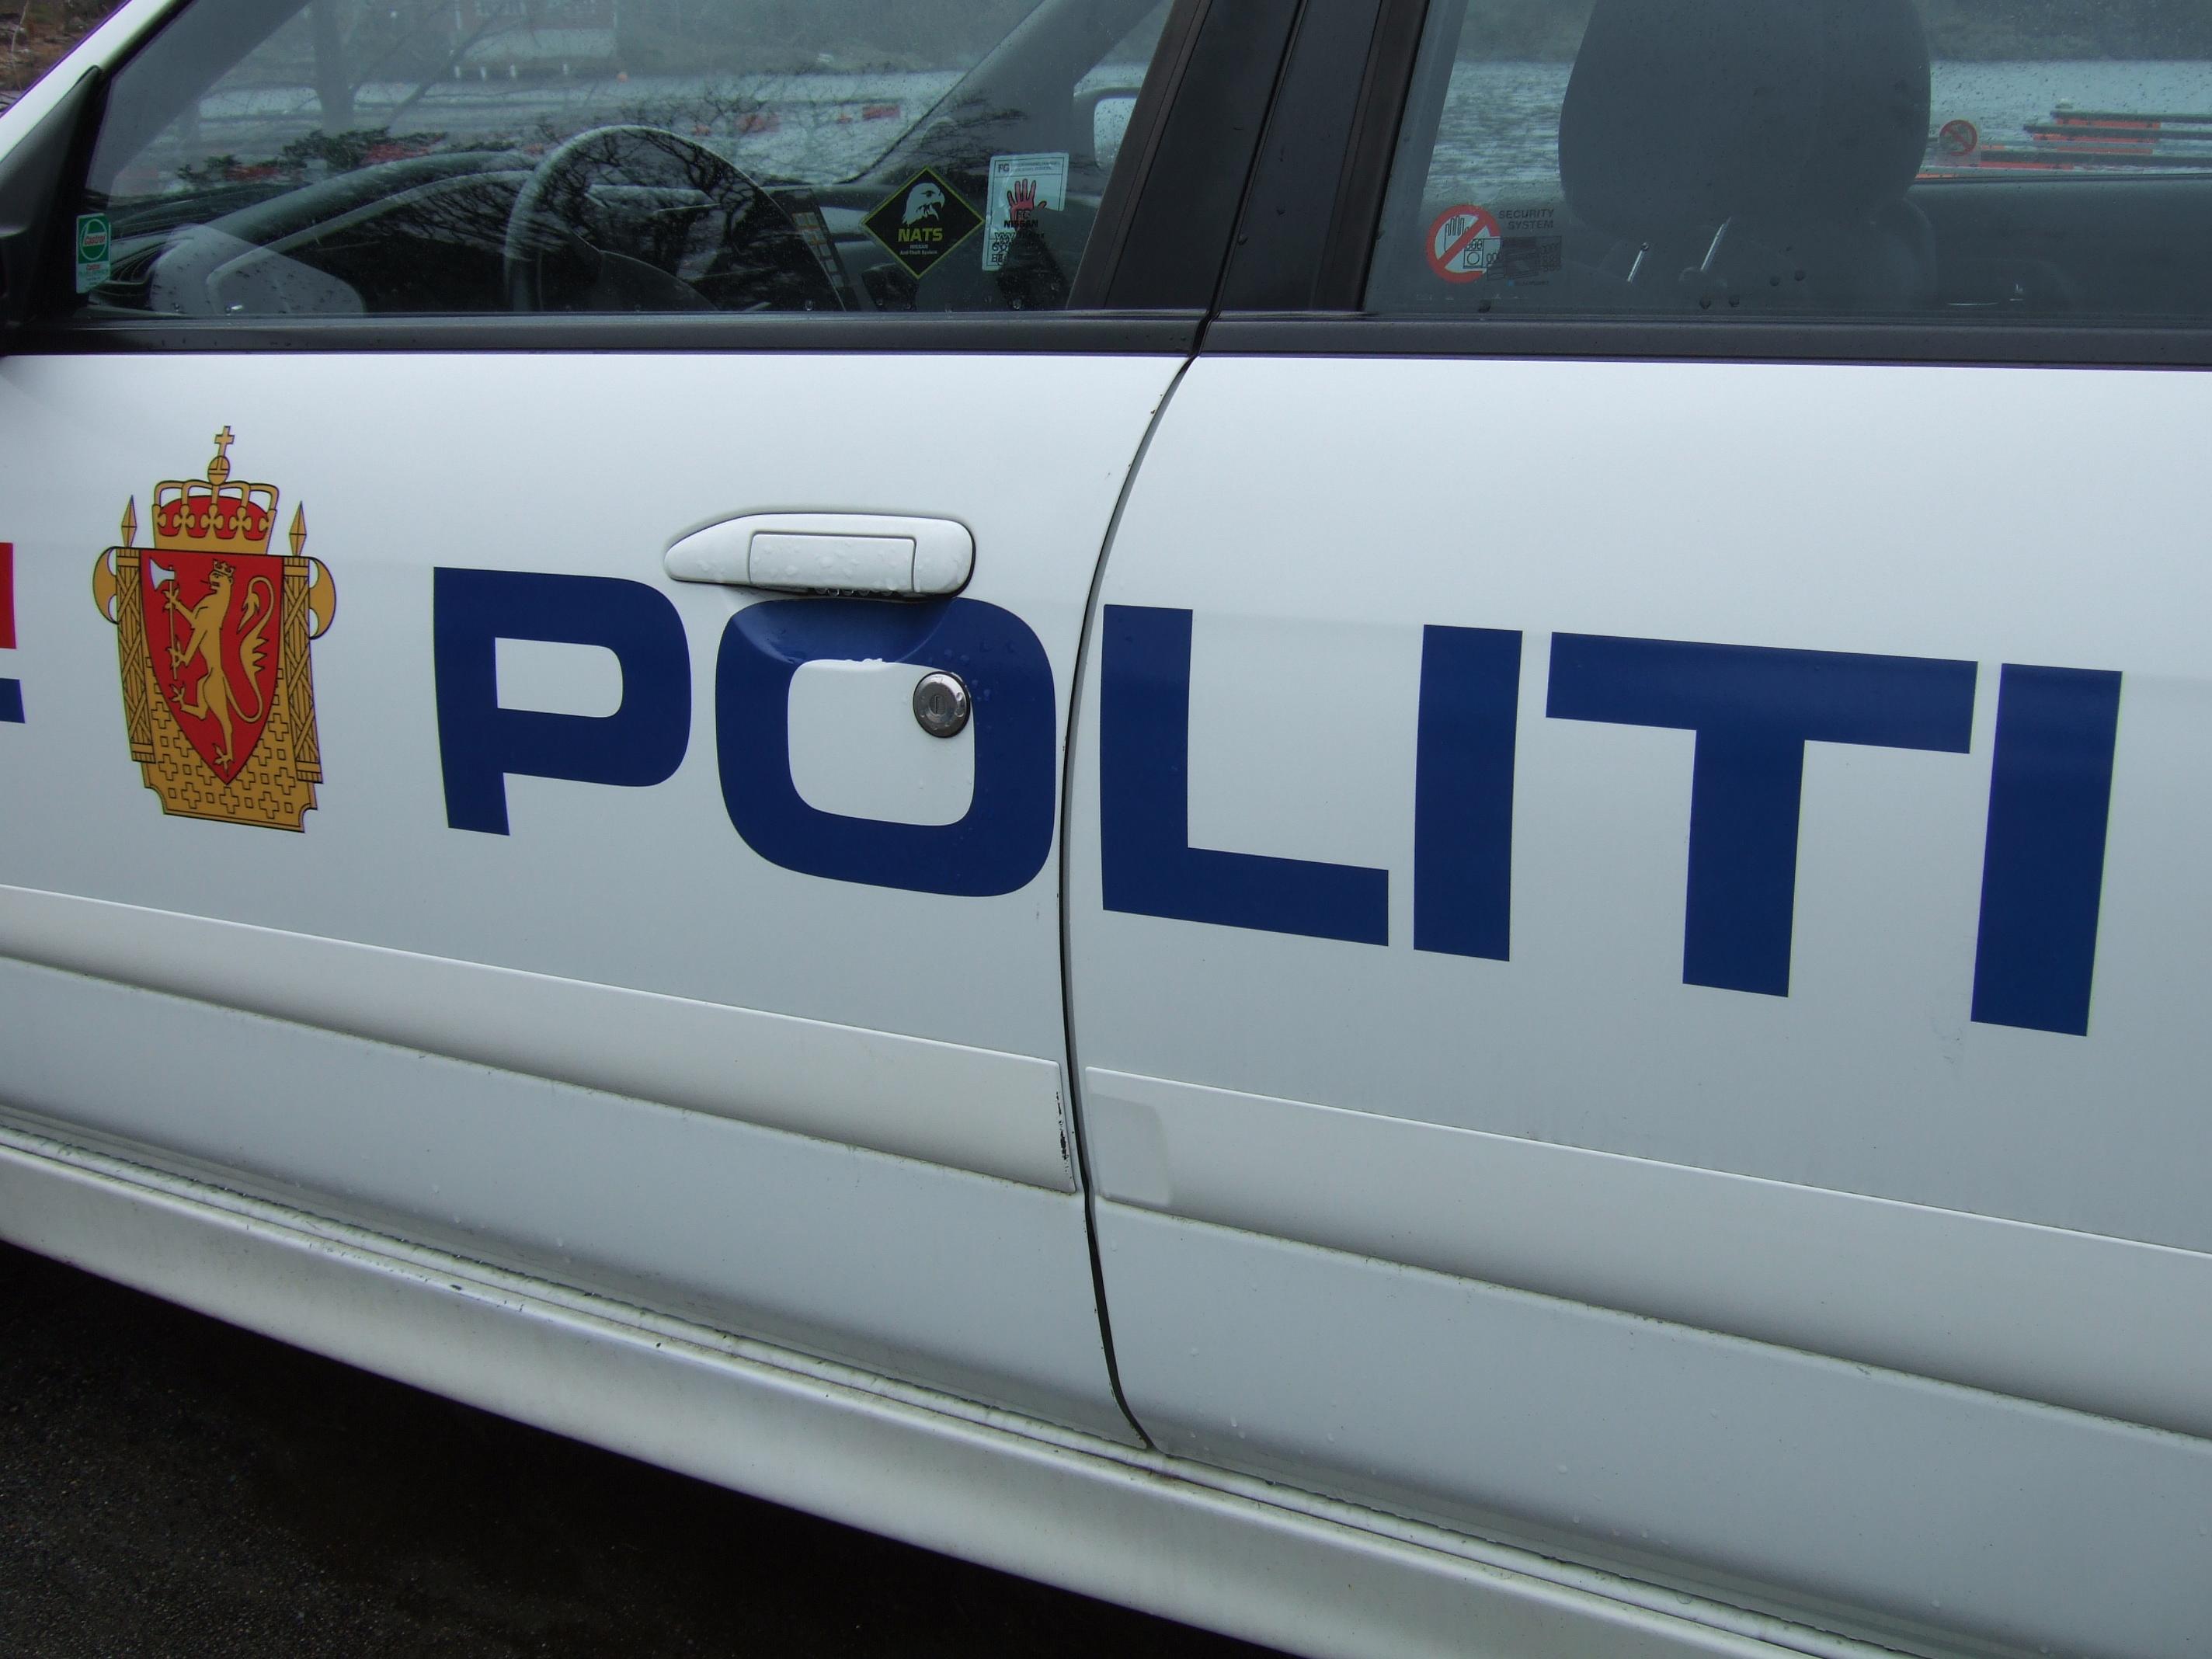 Politiloggen: Vold Mot Politiet, Knivstikking Og Mye Fyll